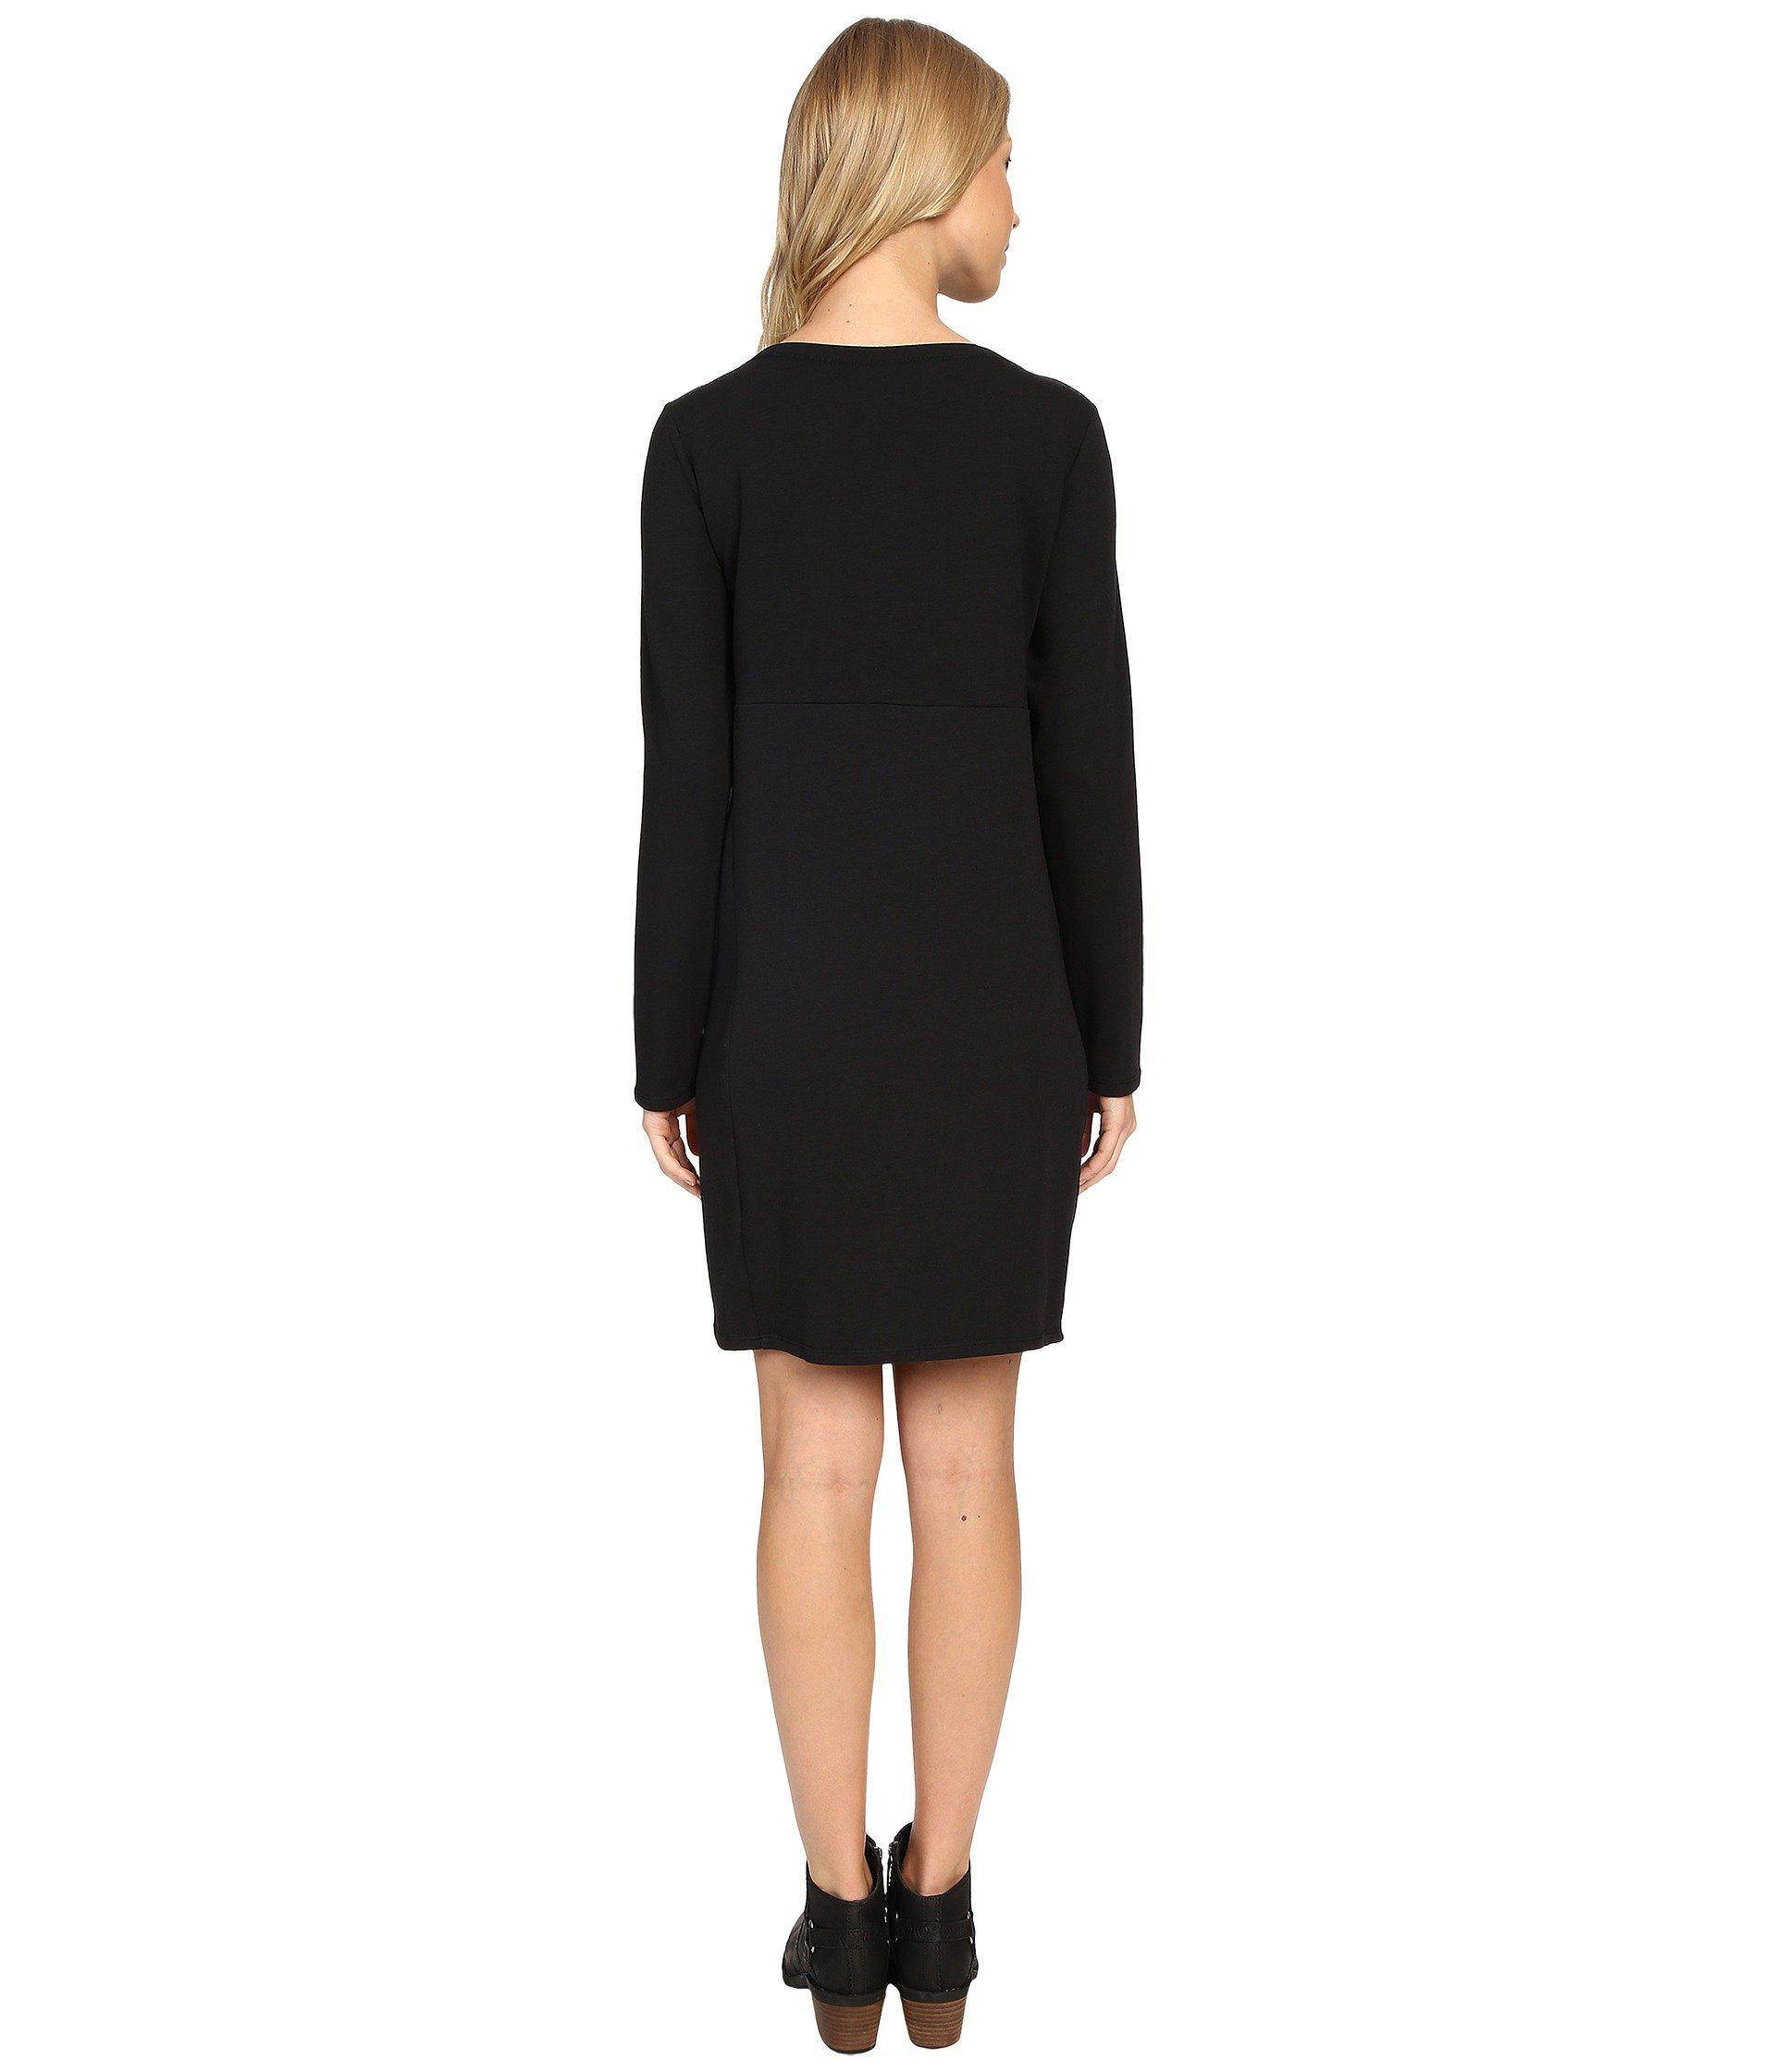 8482cb89b1 Lyst - Nau Elementerry Boat Neck Dress in Black